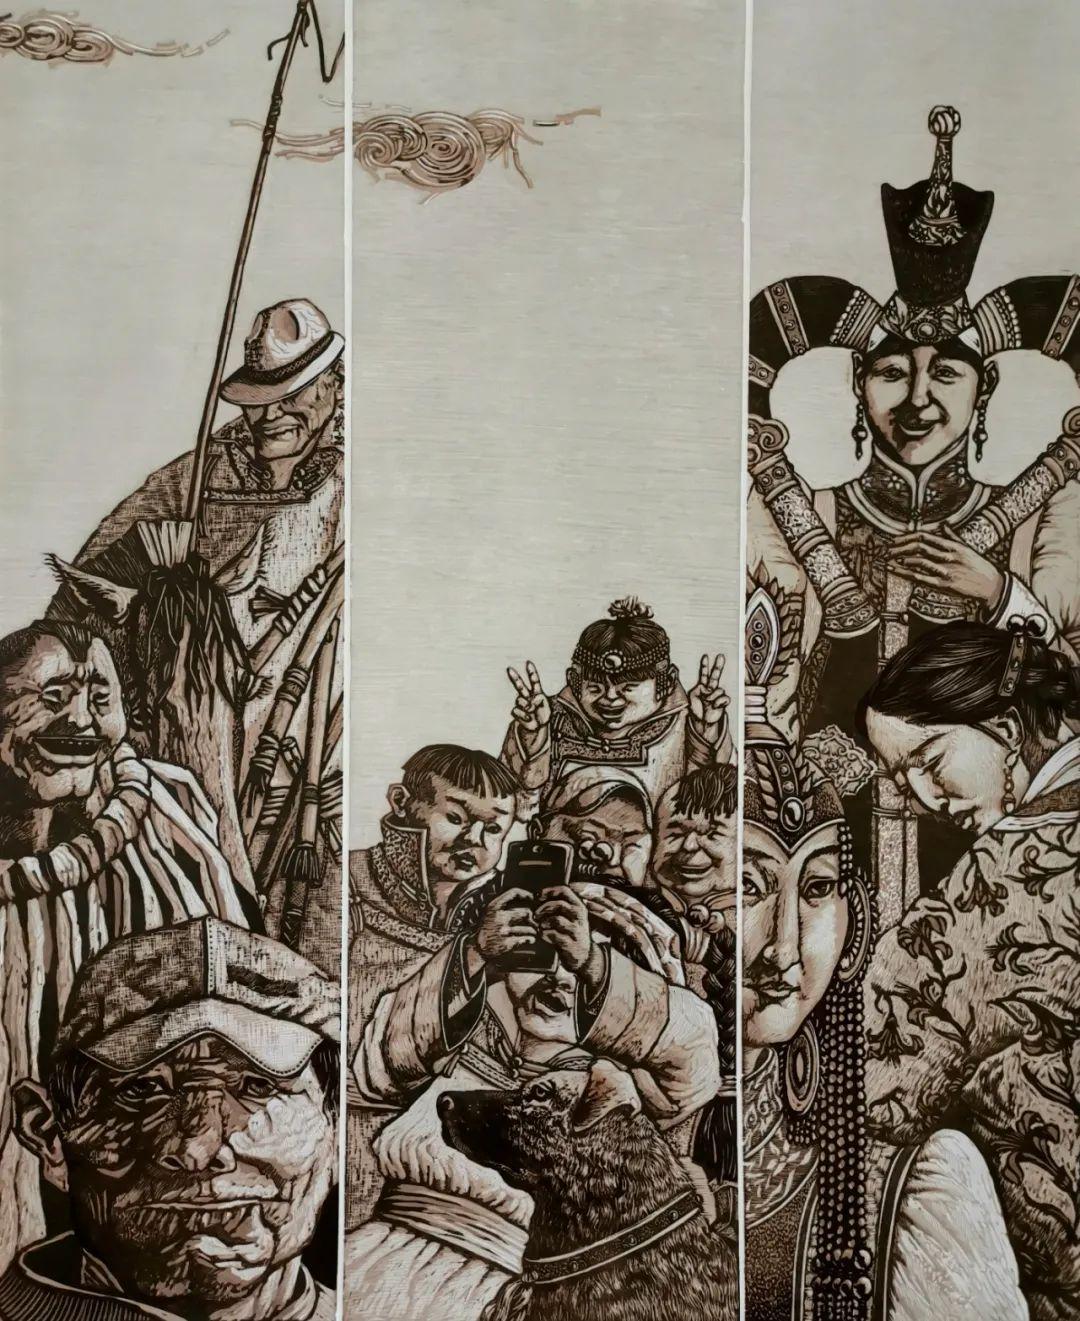 内蒙古当代美术家系列--金宝军 第9张 内蒙古当代美术家系列--金宝军 蒙古画廊